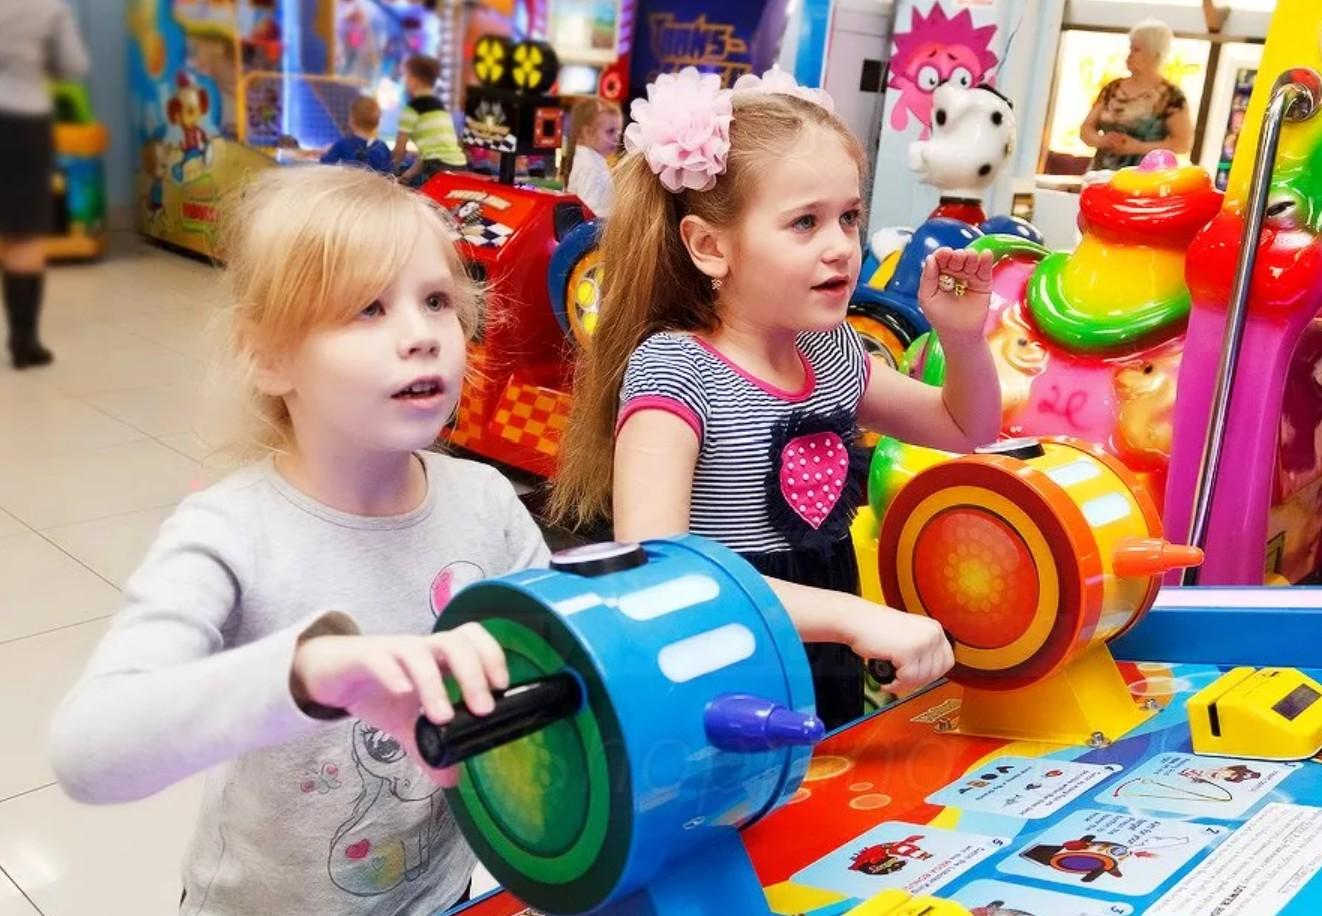 Топ 10 развлечений для детей в Волгограде. Детские игровые зоны. Океанариум и трогательные зоопарки.